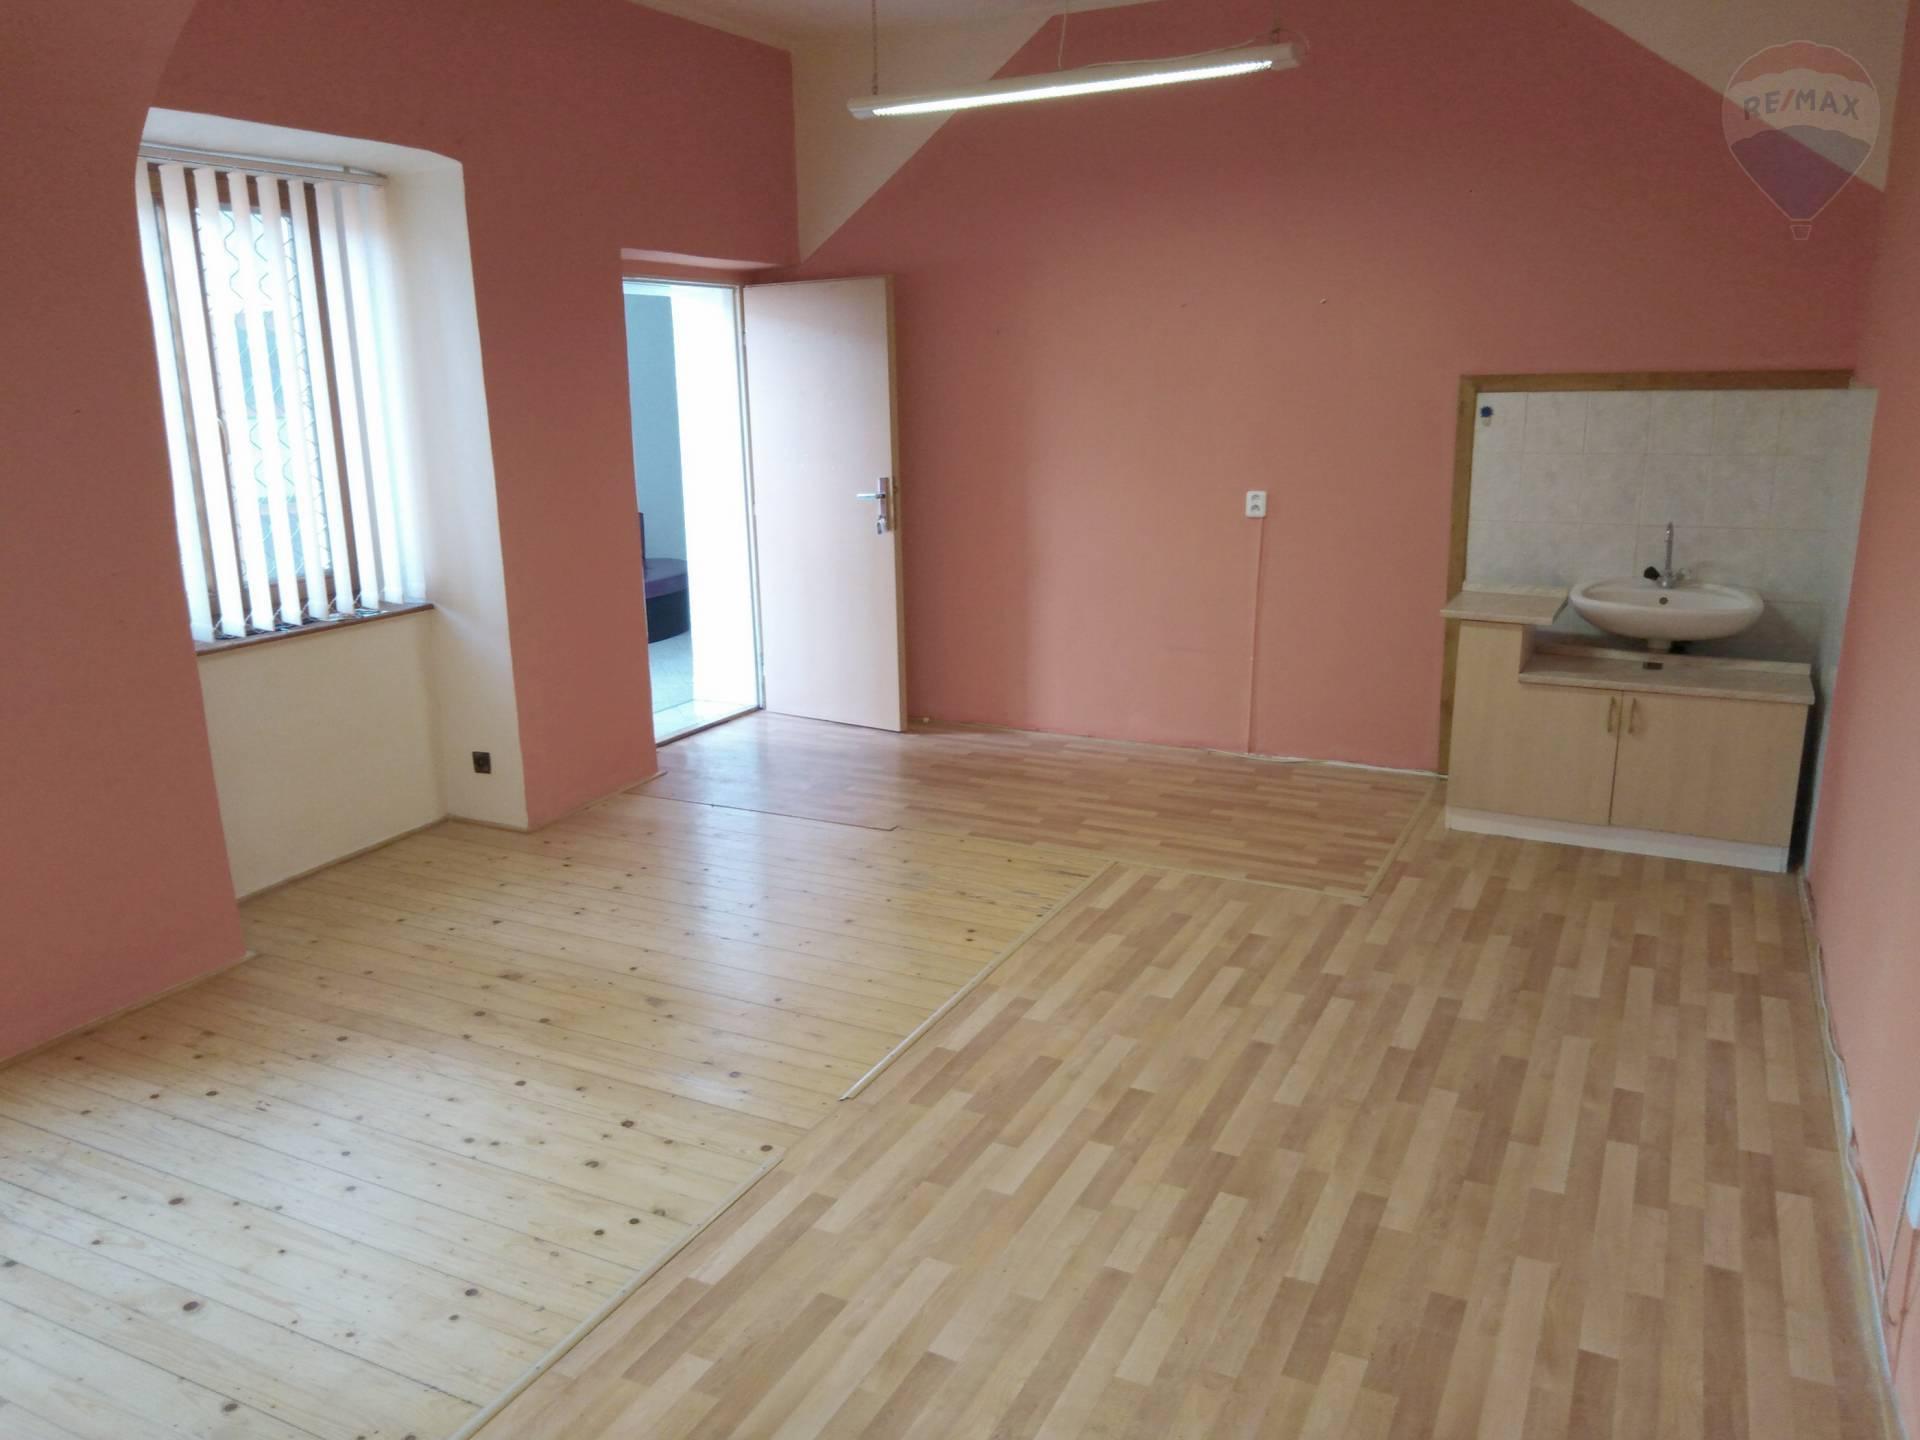 Malý priestor v historickej budove na prenájom, plocha 26 m2.